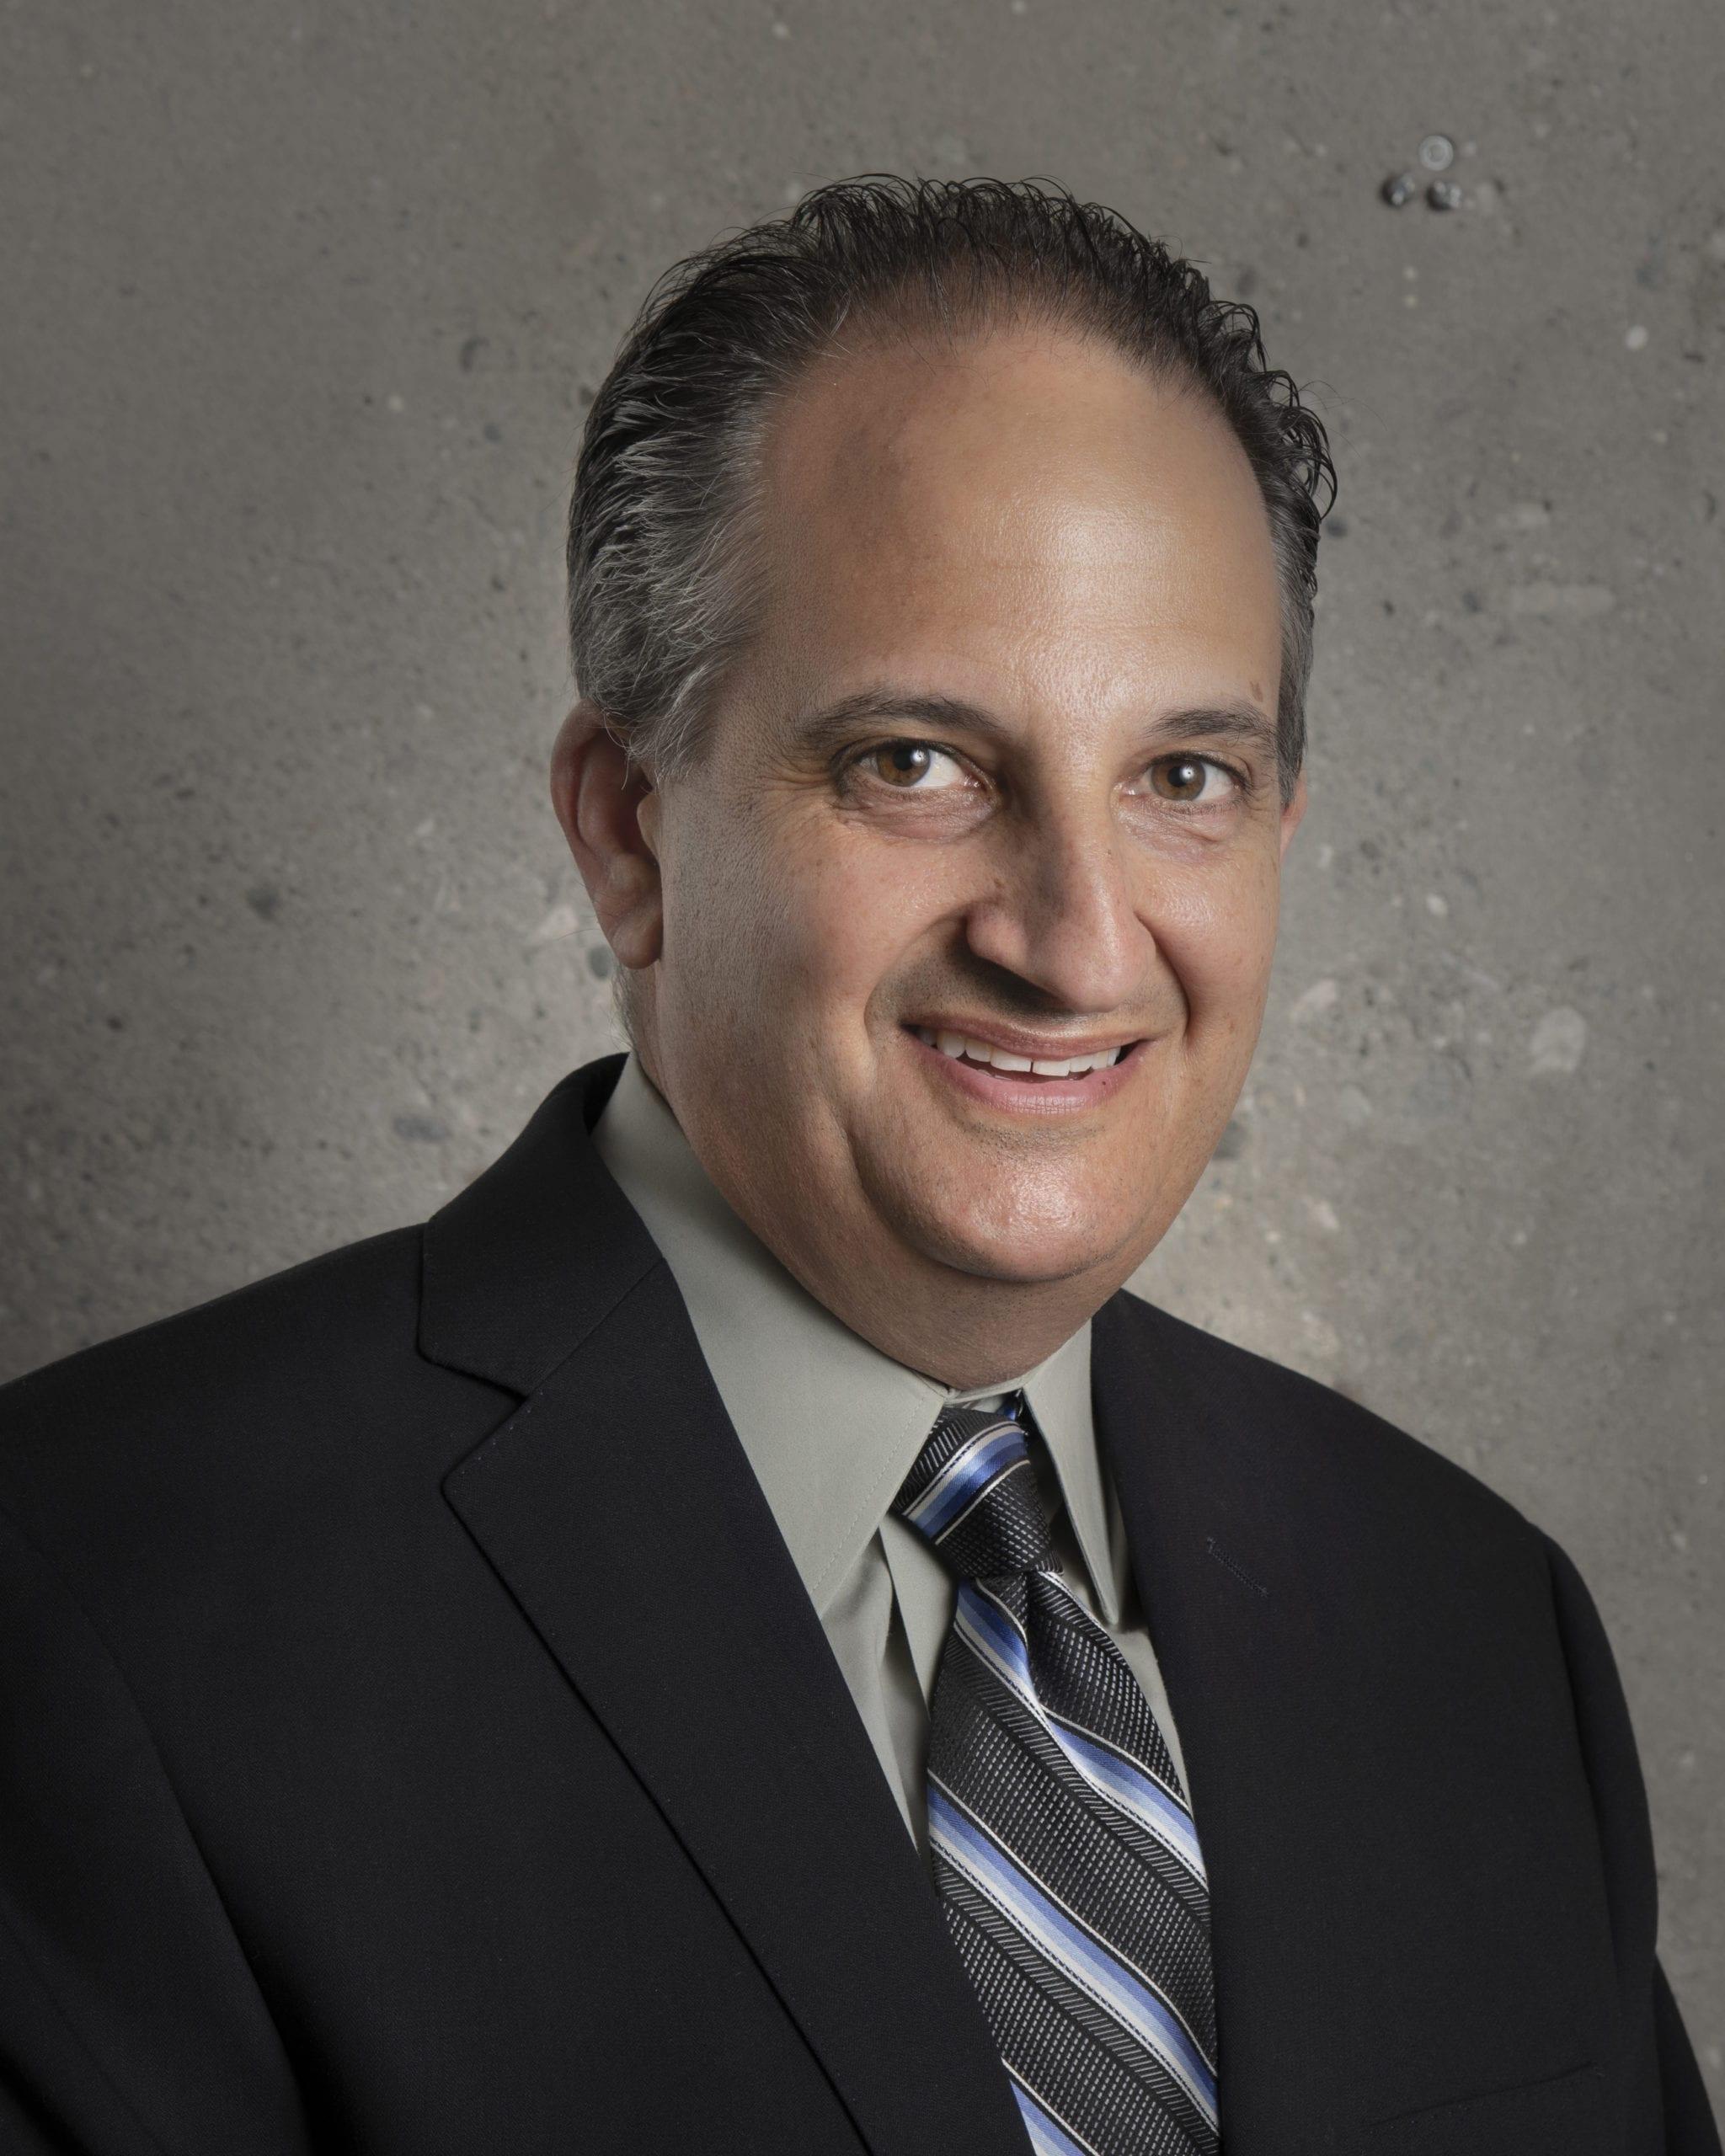 Brett Lindenfeld, VP Operations